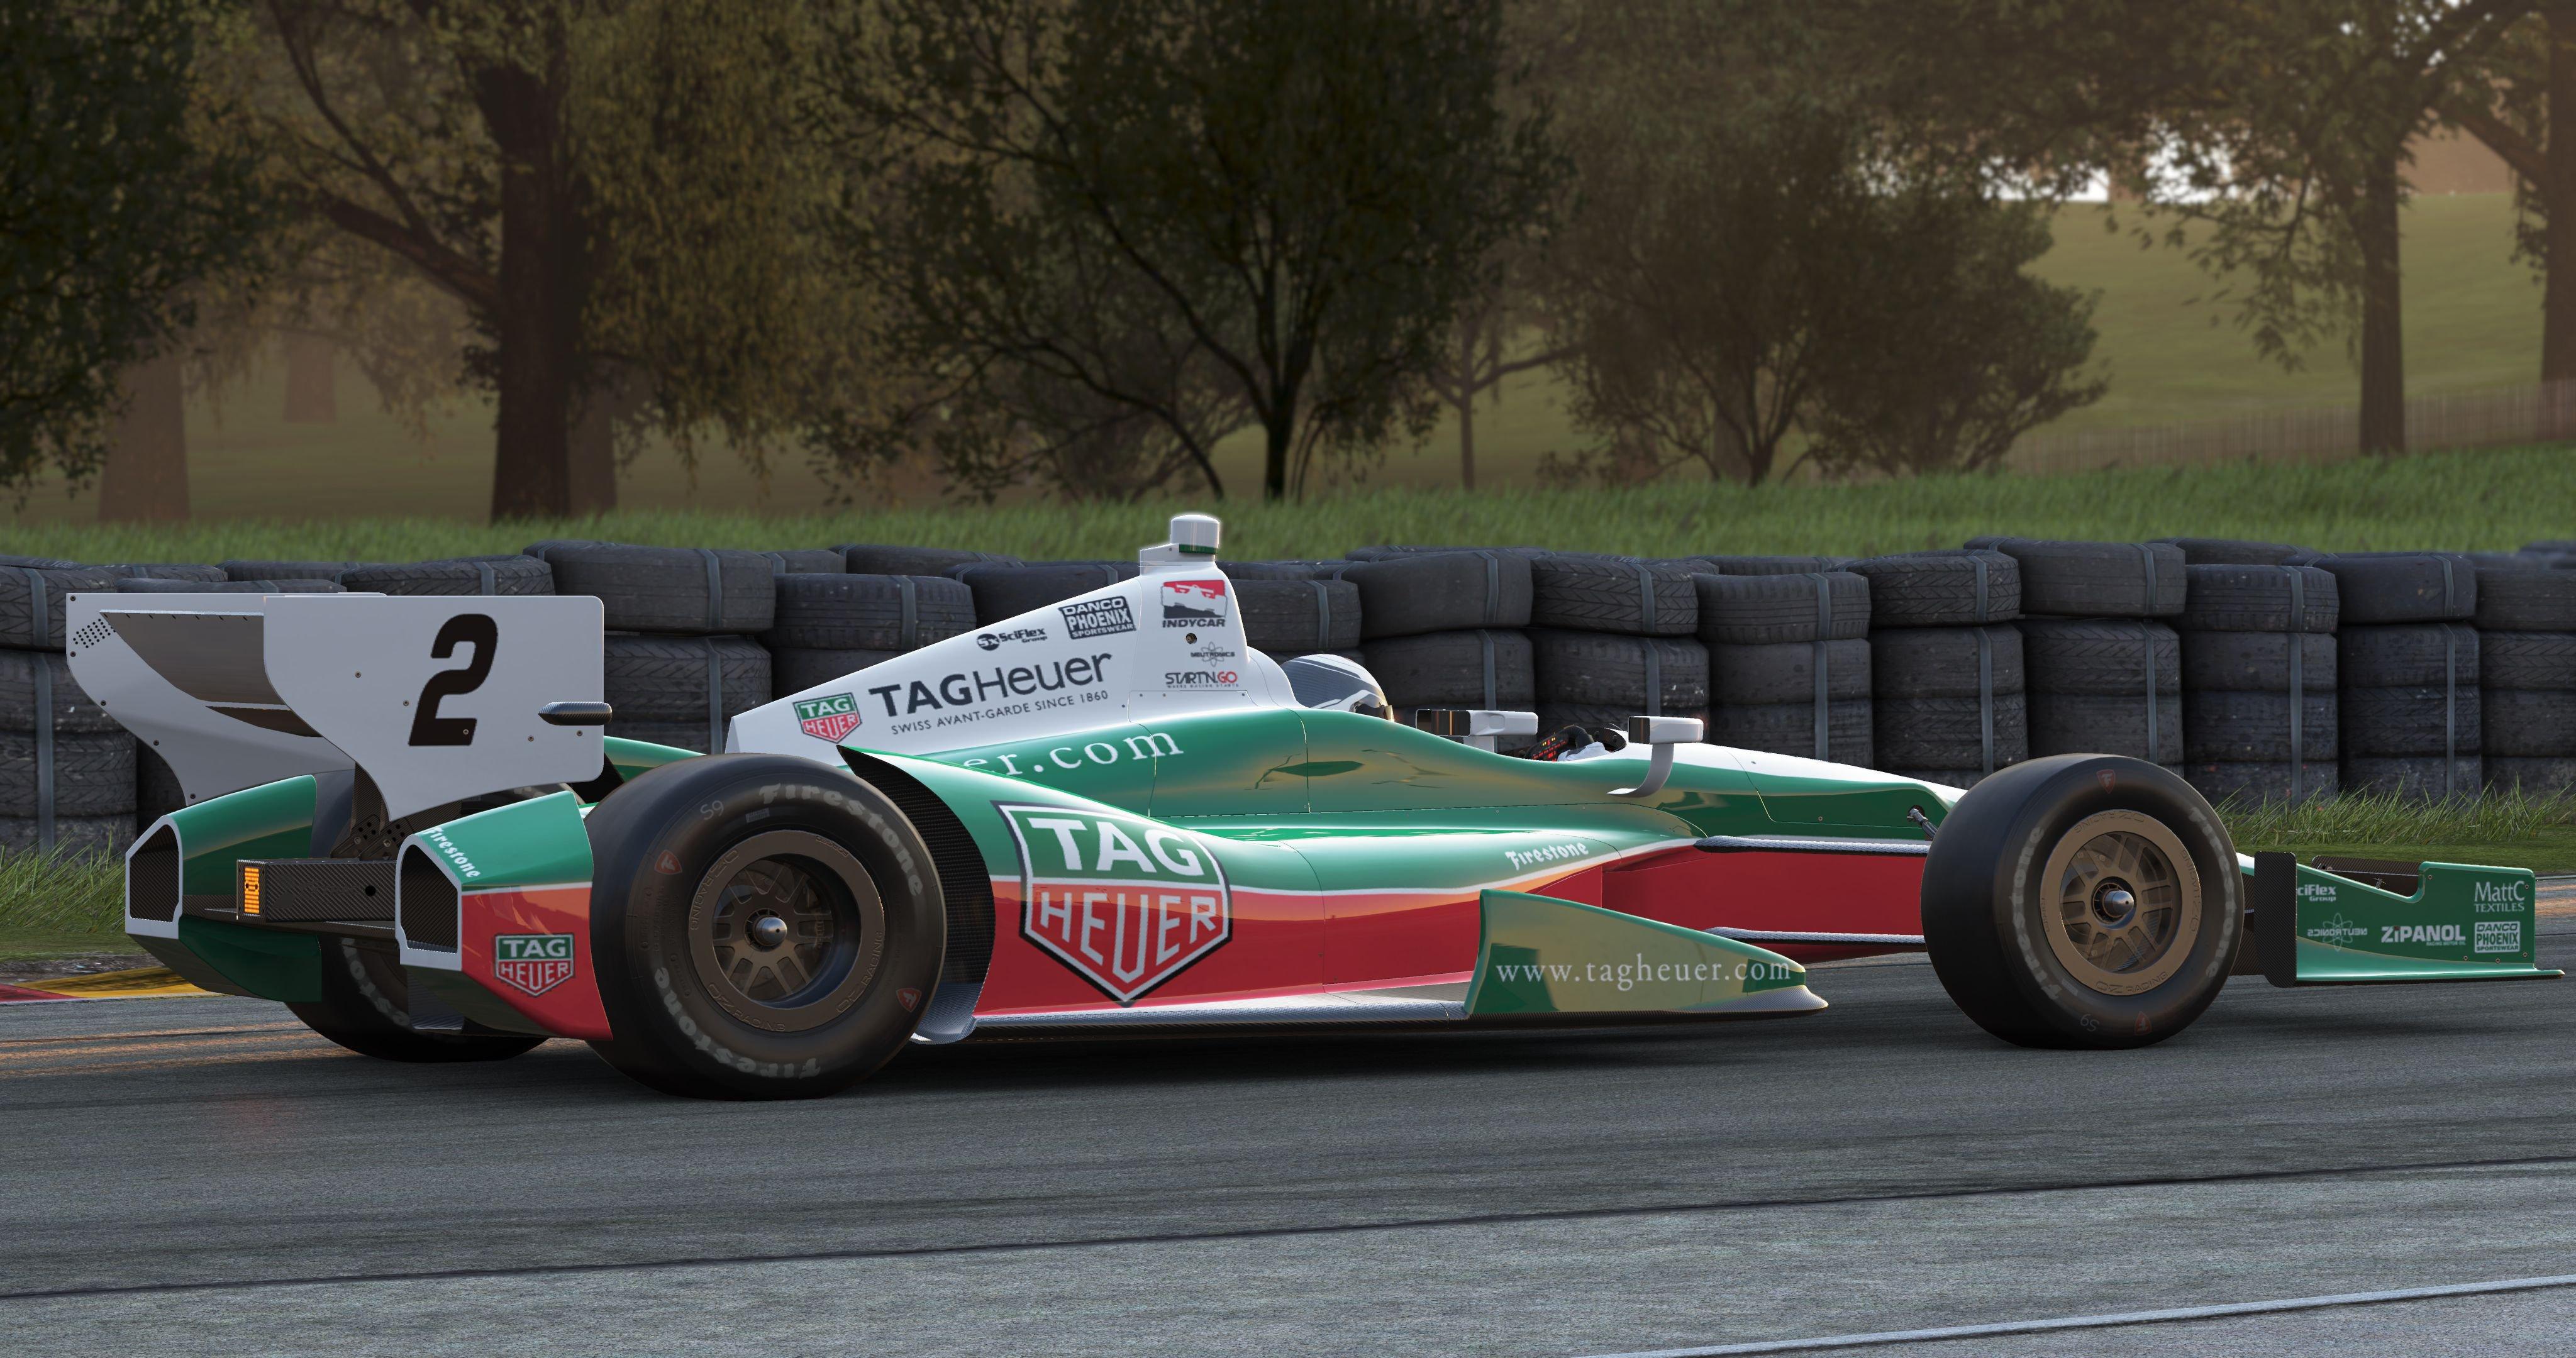 Project CARS Dallara DW12 Indycar